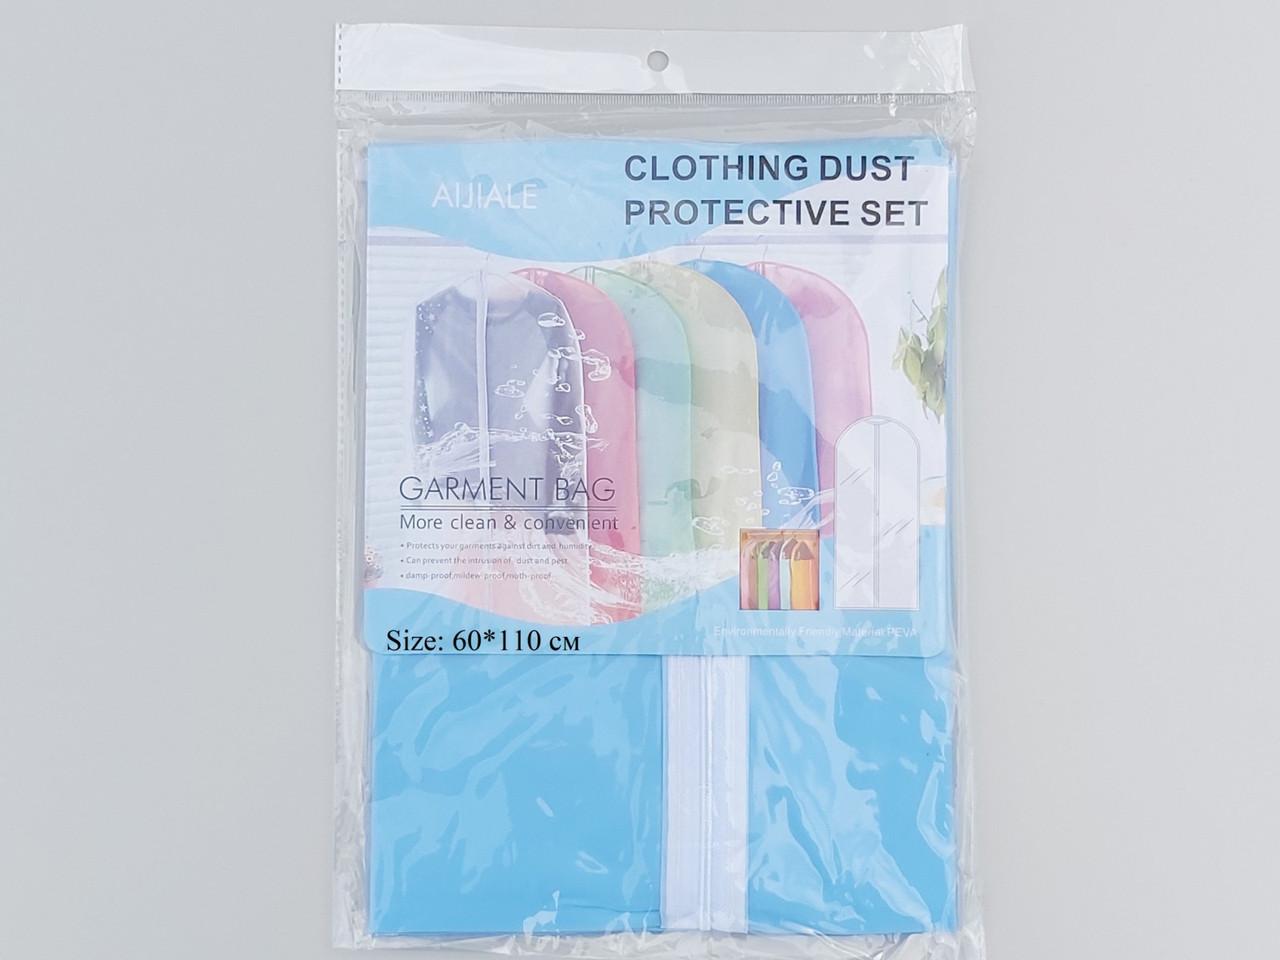 Чехол для хранения одежды из плащевки голубого цвета, размер 60*110 см